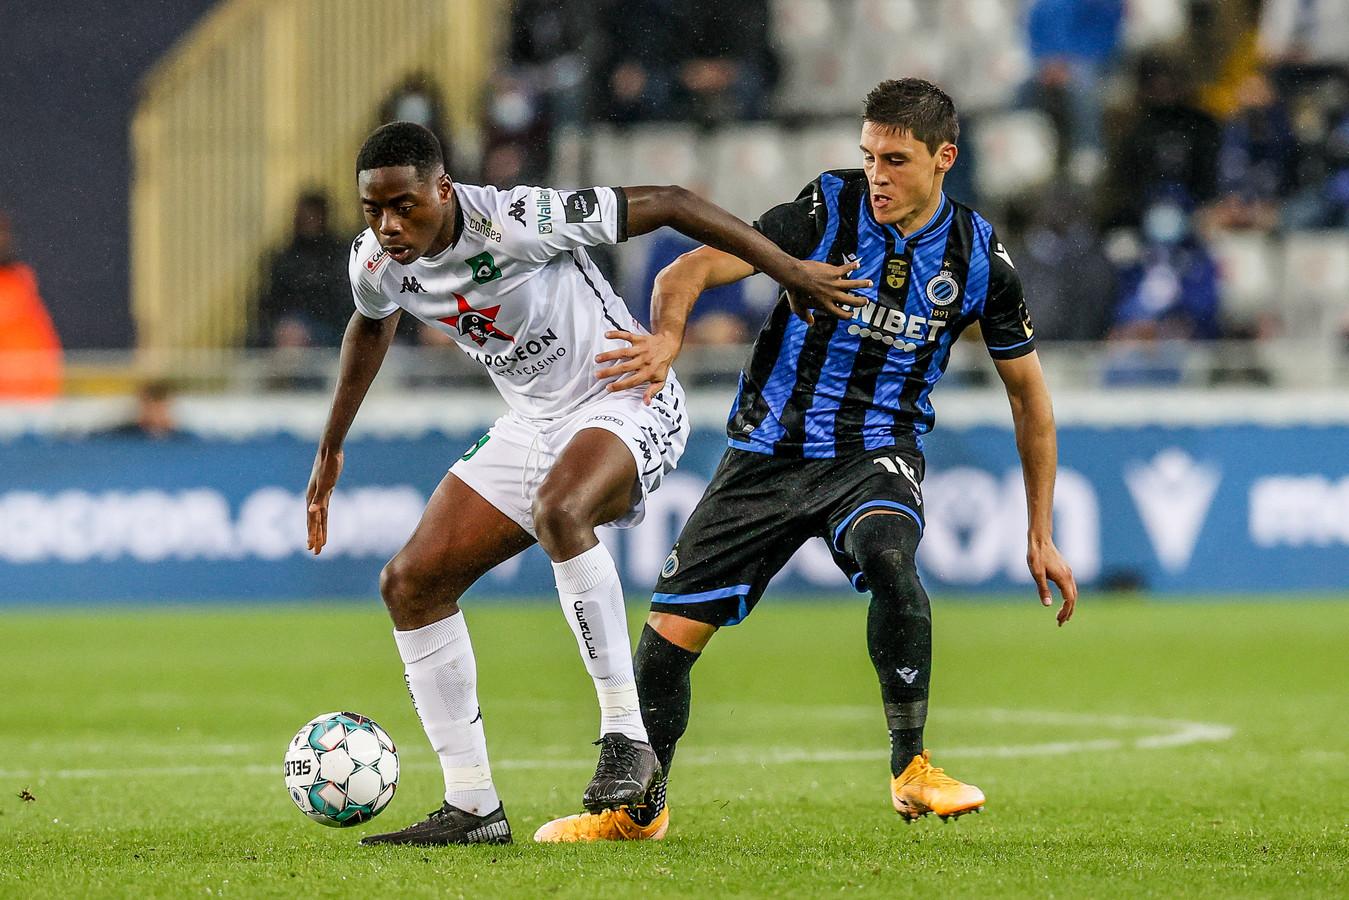 Anthony Musaba.